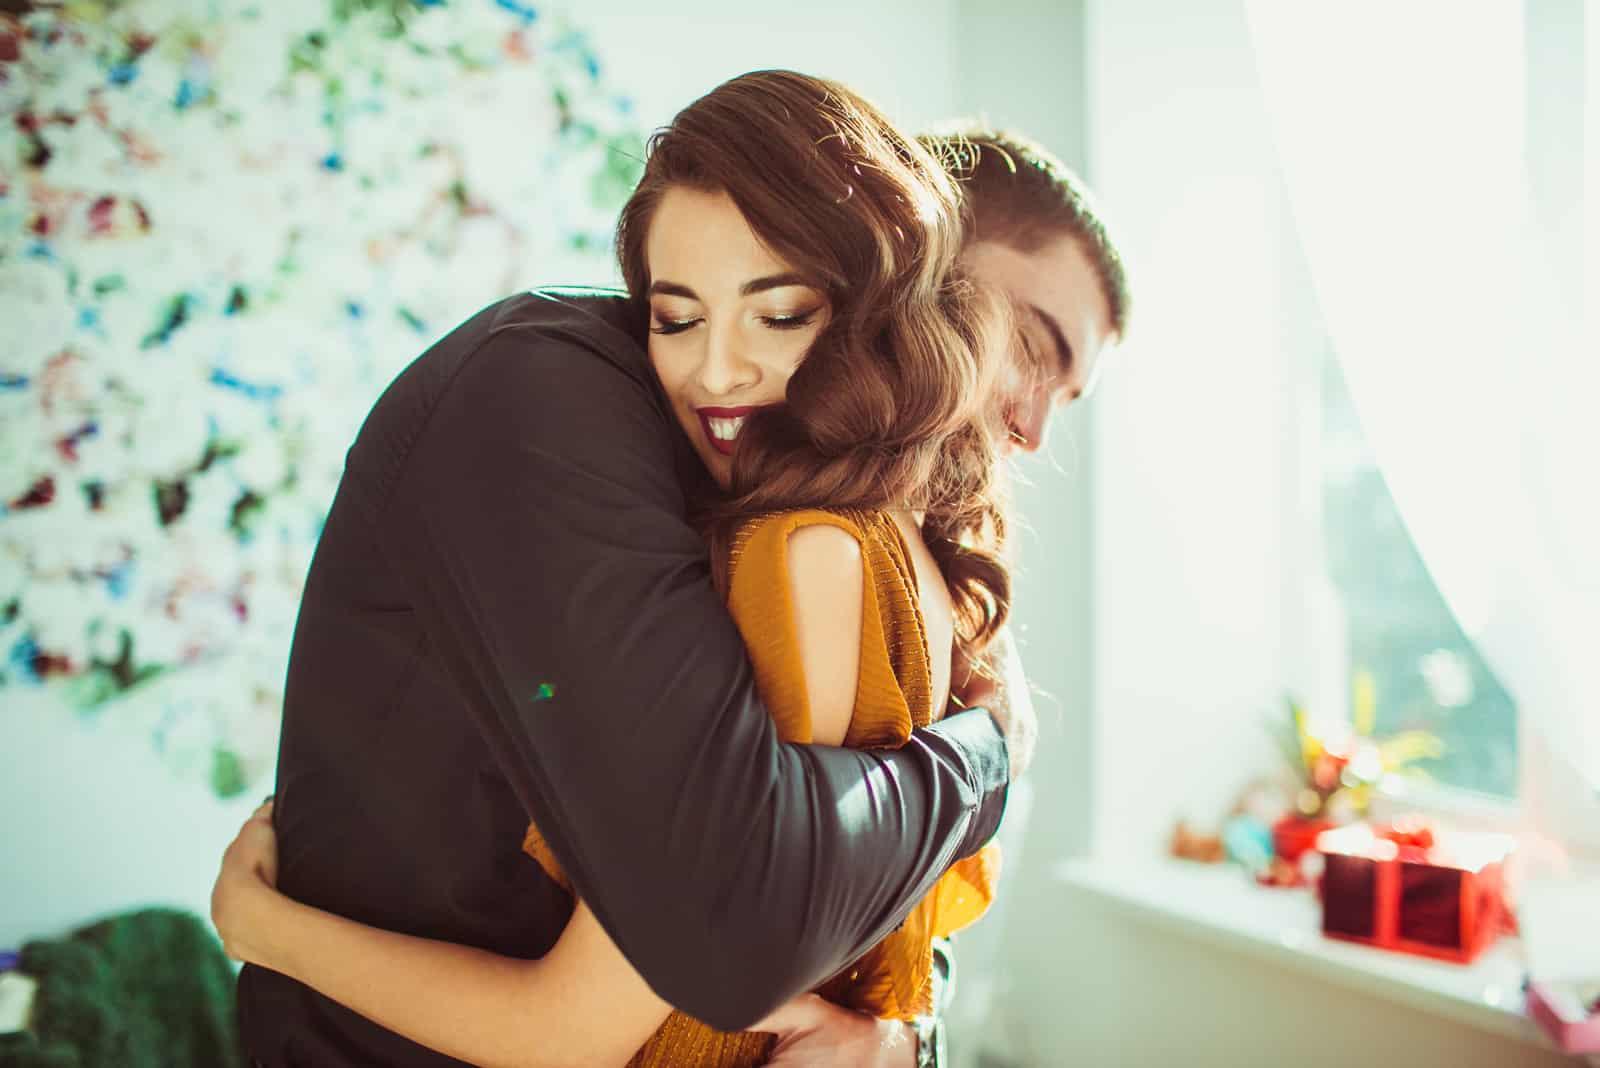 dam lutar sig mot mans axel medan han kramar henne